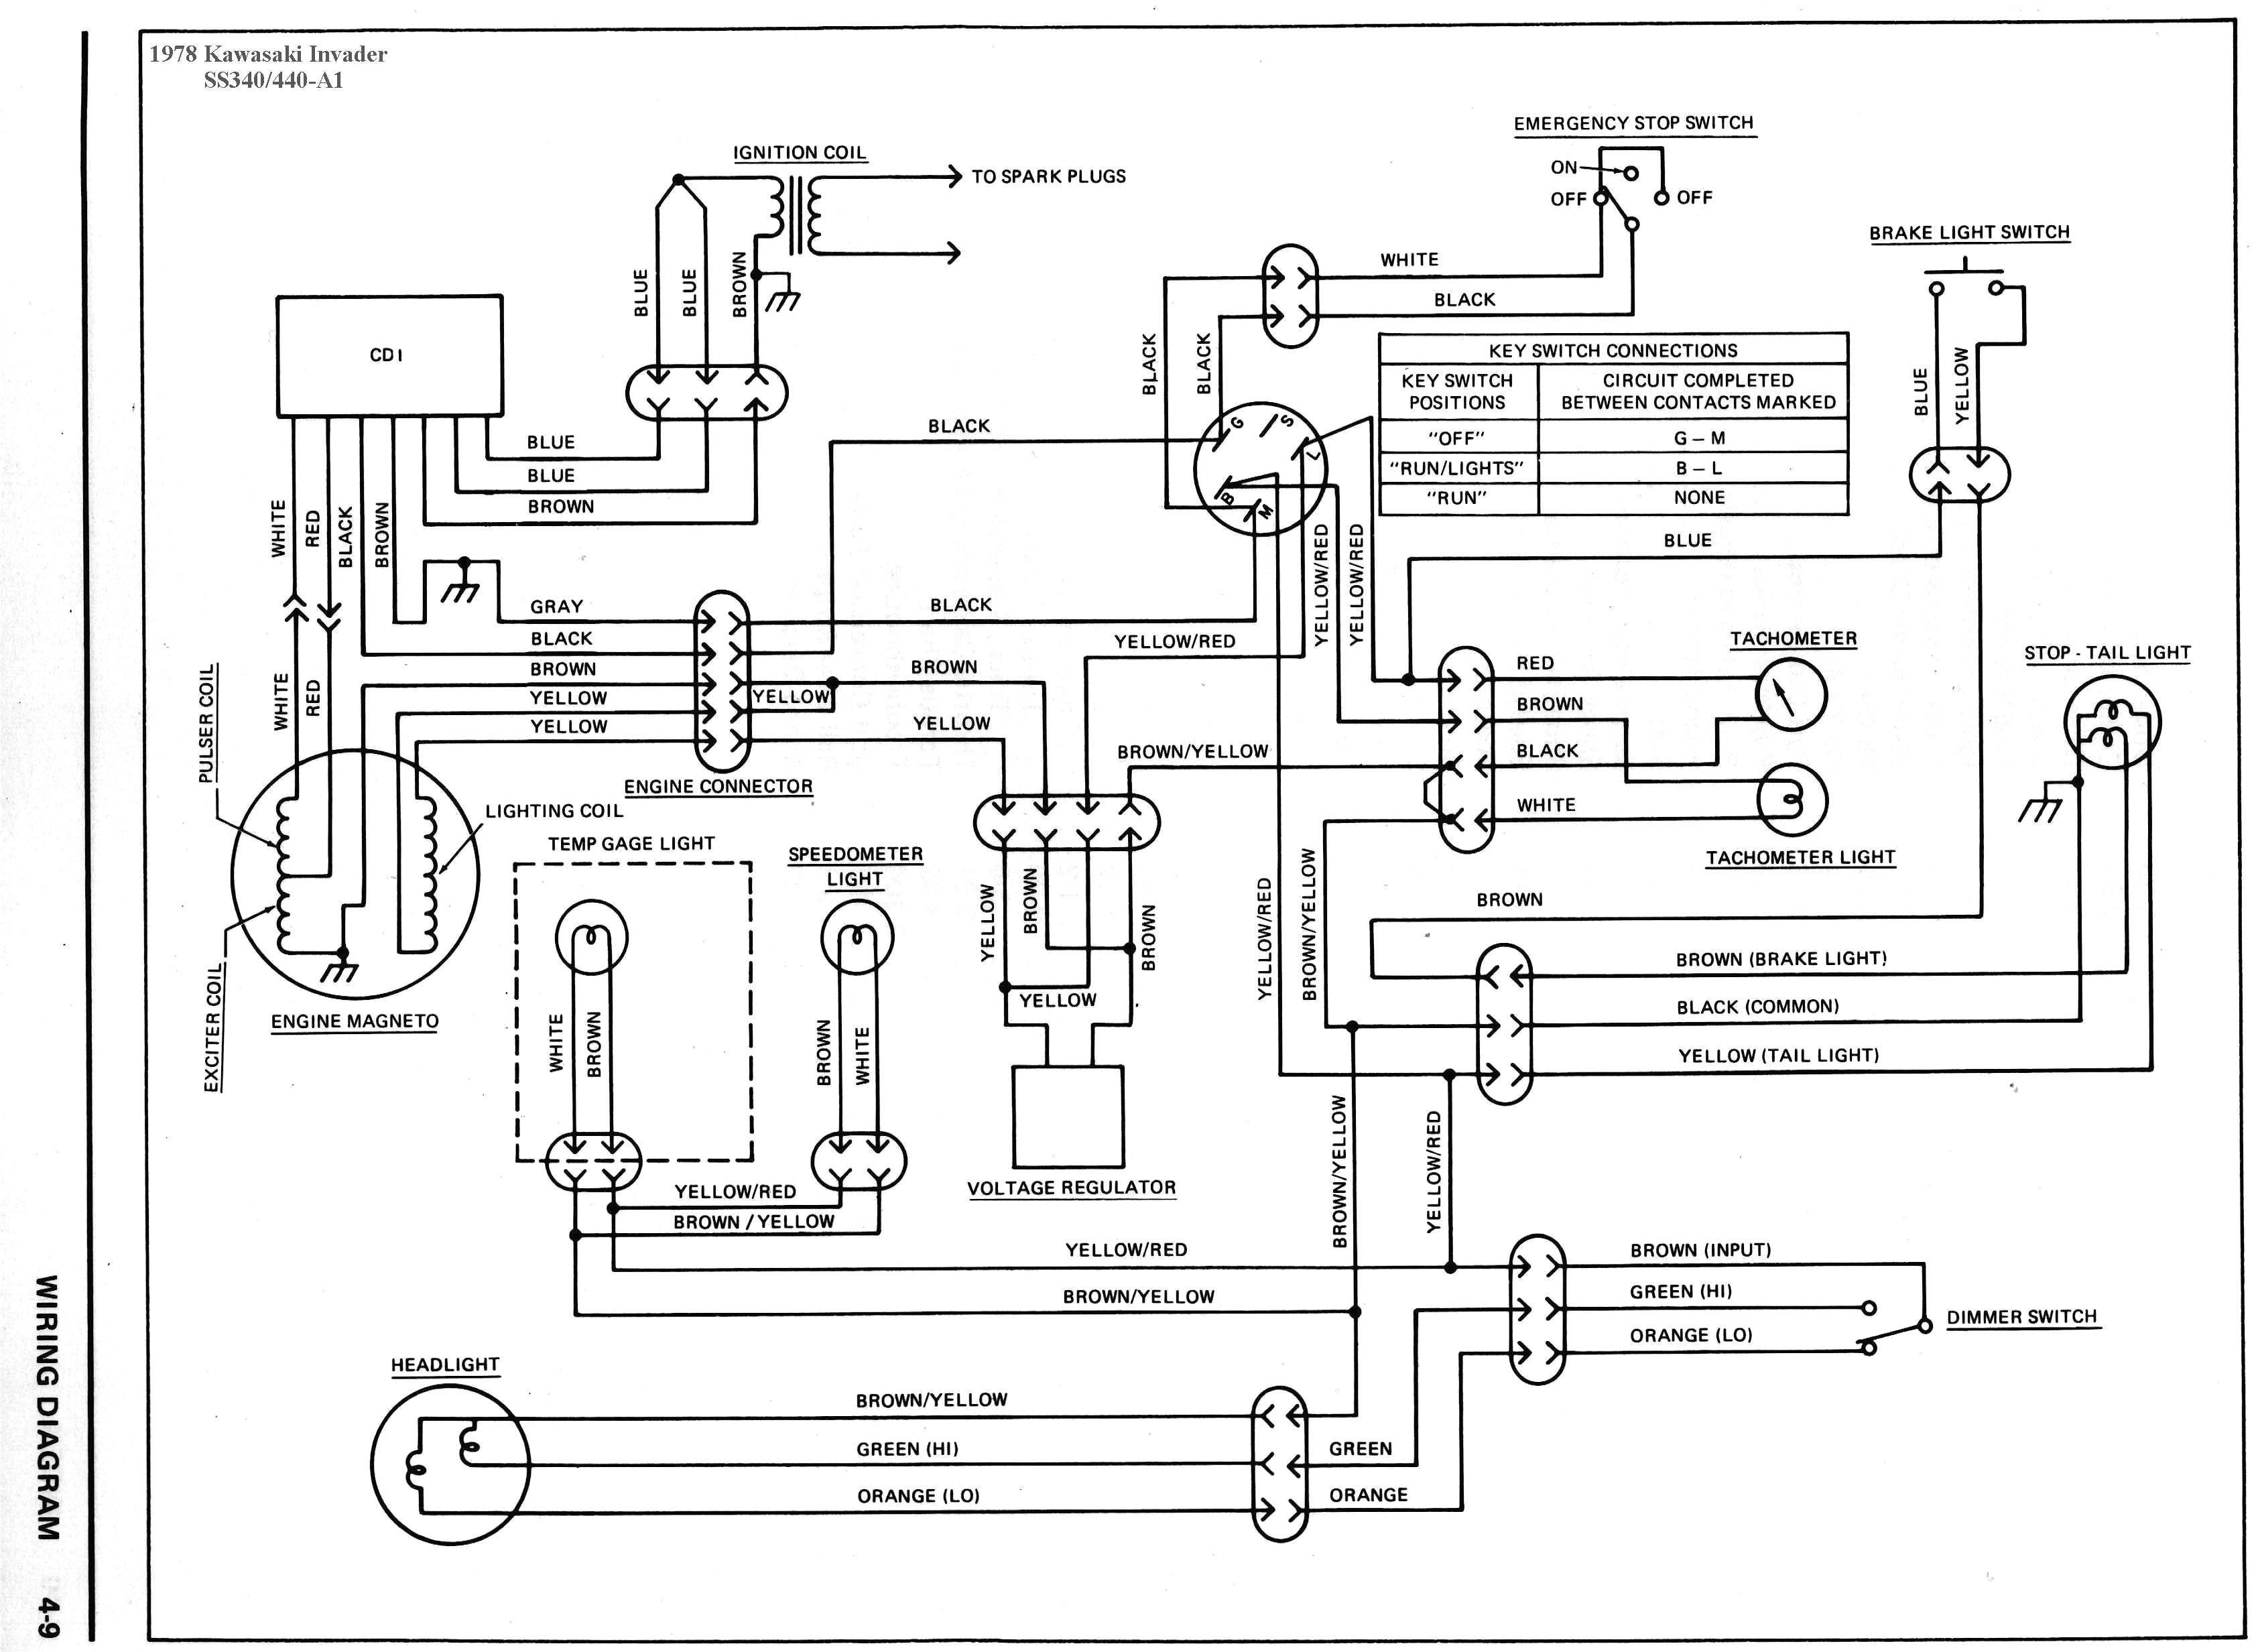 Kawasaki 220 Wiring Diagram - Wiring Diagram Data - Kawasaki Bayou 220 Wiring Diagram